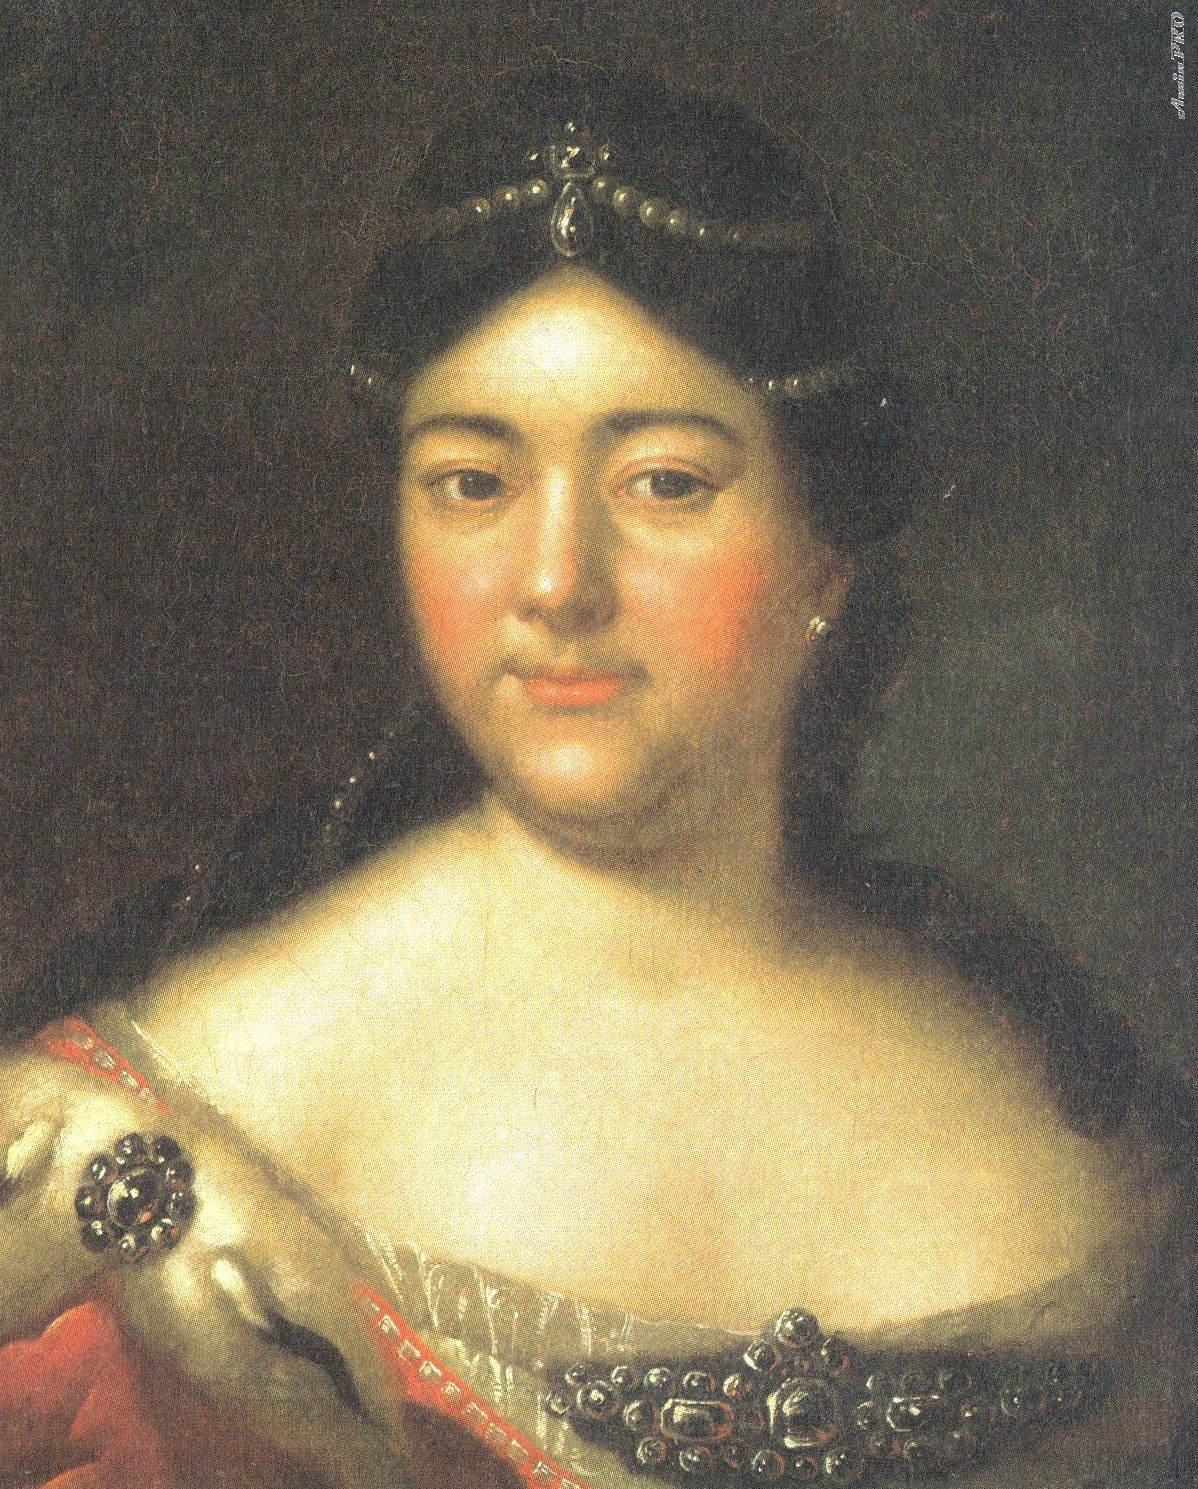 Золушка XVIII века Екатерина Алексеевна и кто такой Вилли Монс